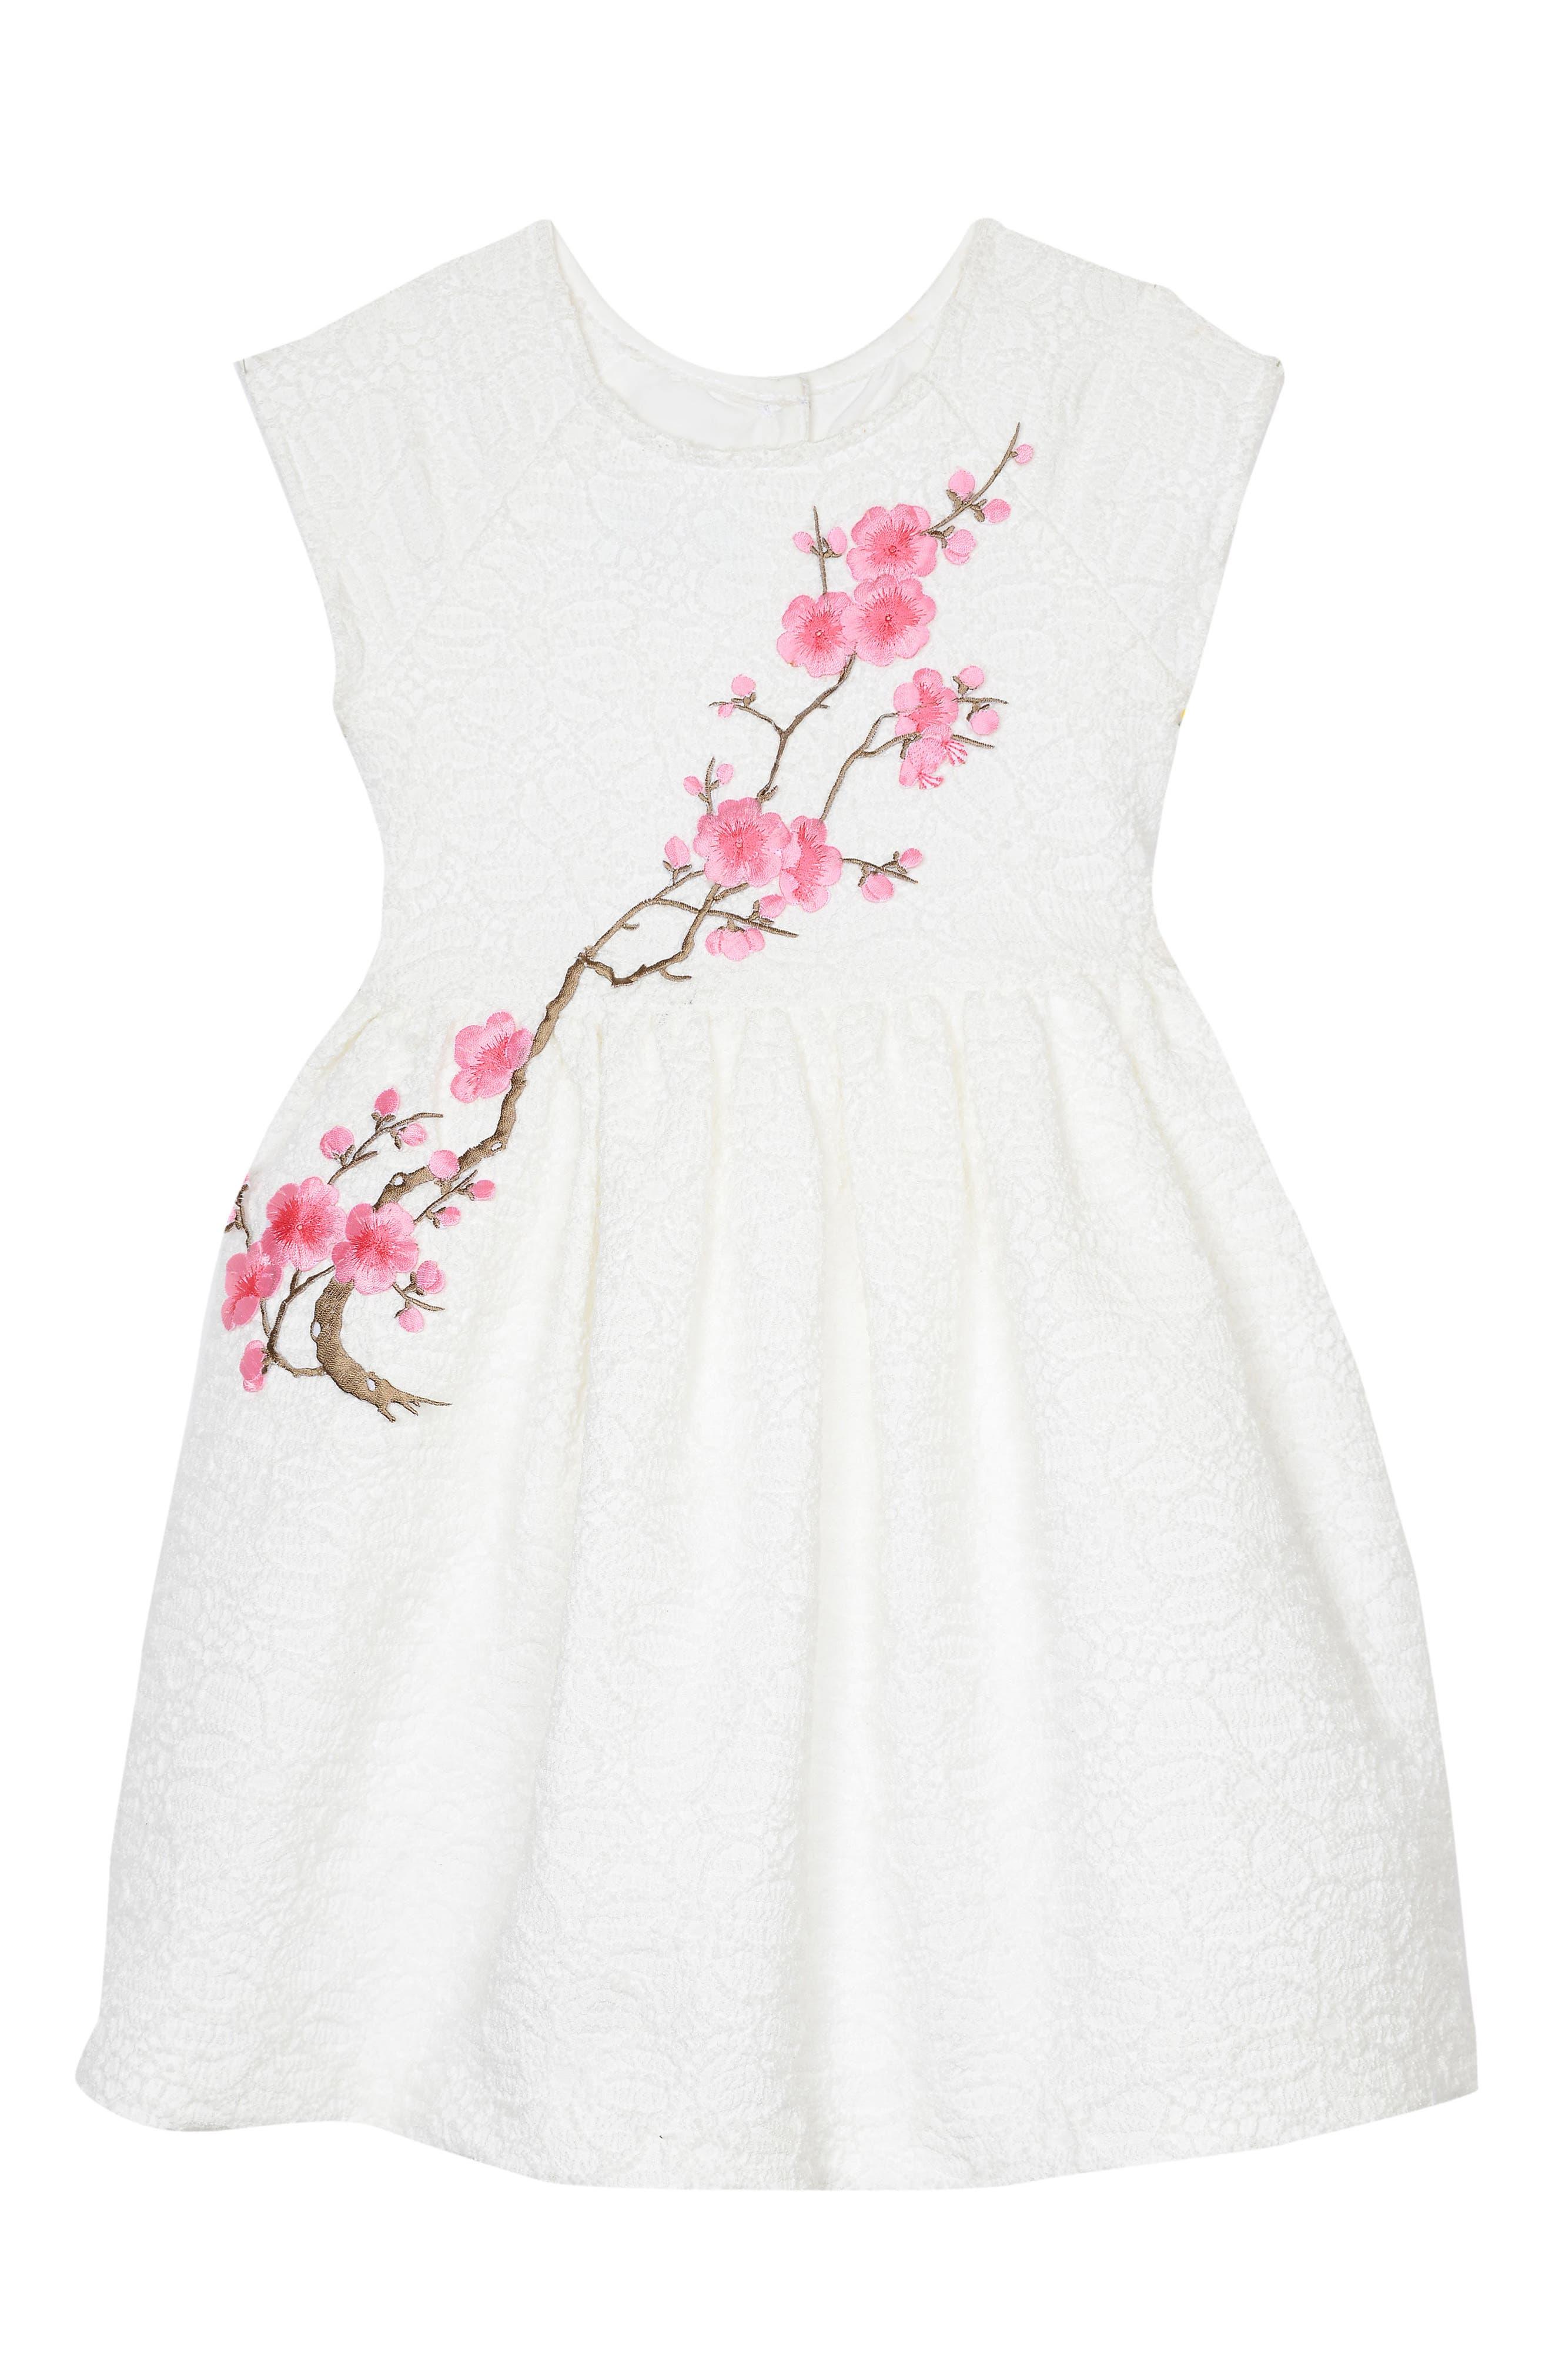 Cherry Blossom Dress,                         Main,                         color, White